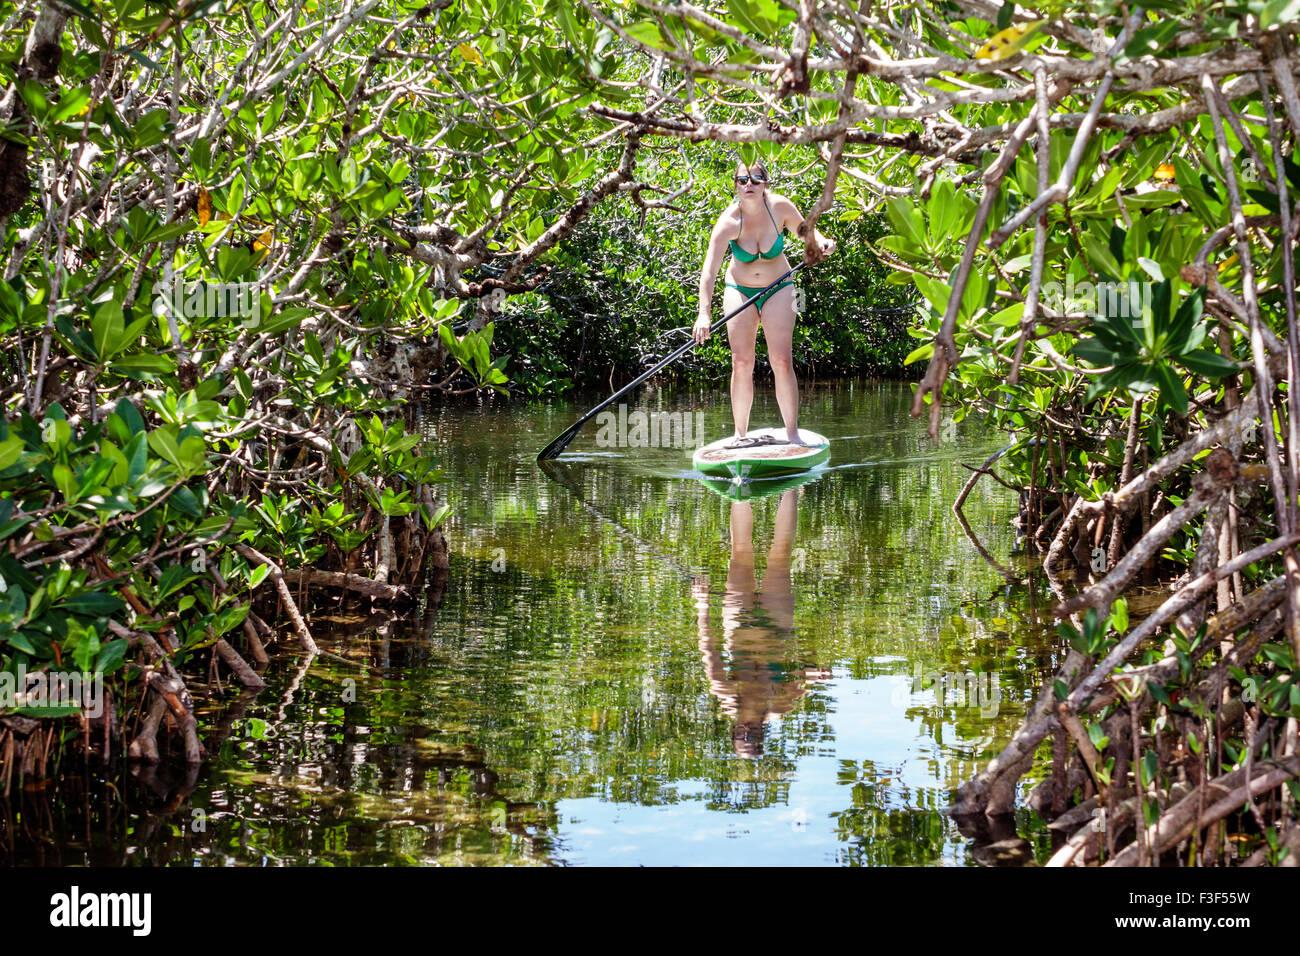 Florida Keys Key Largo John Pennekamp Coral Reef State-7740